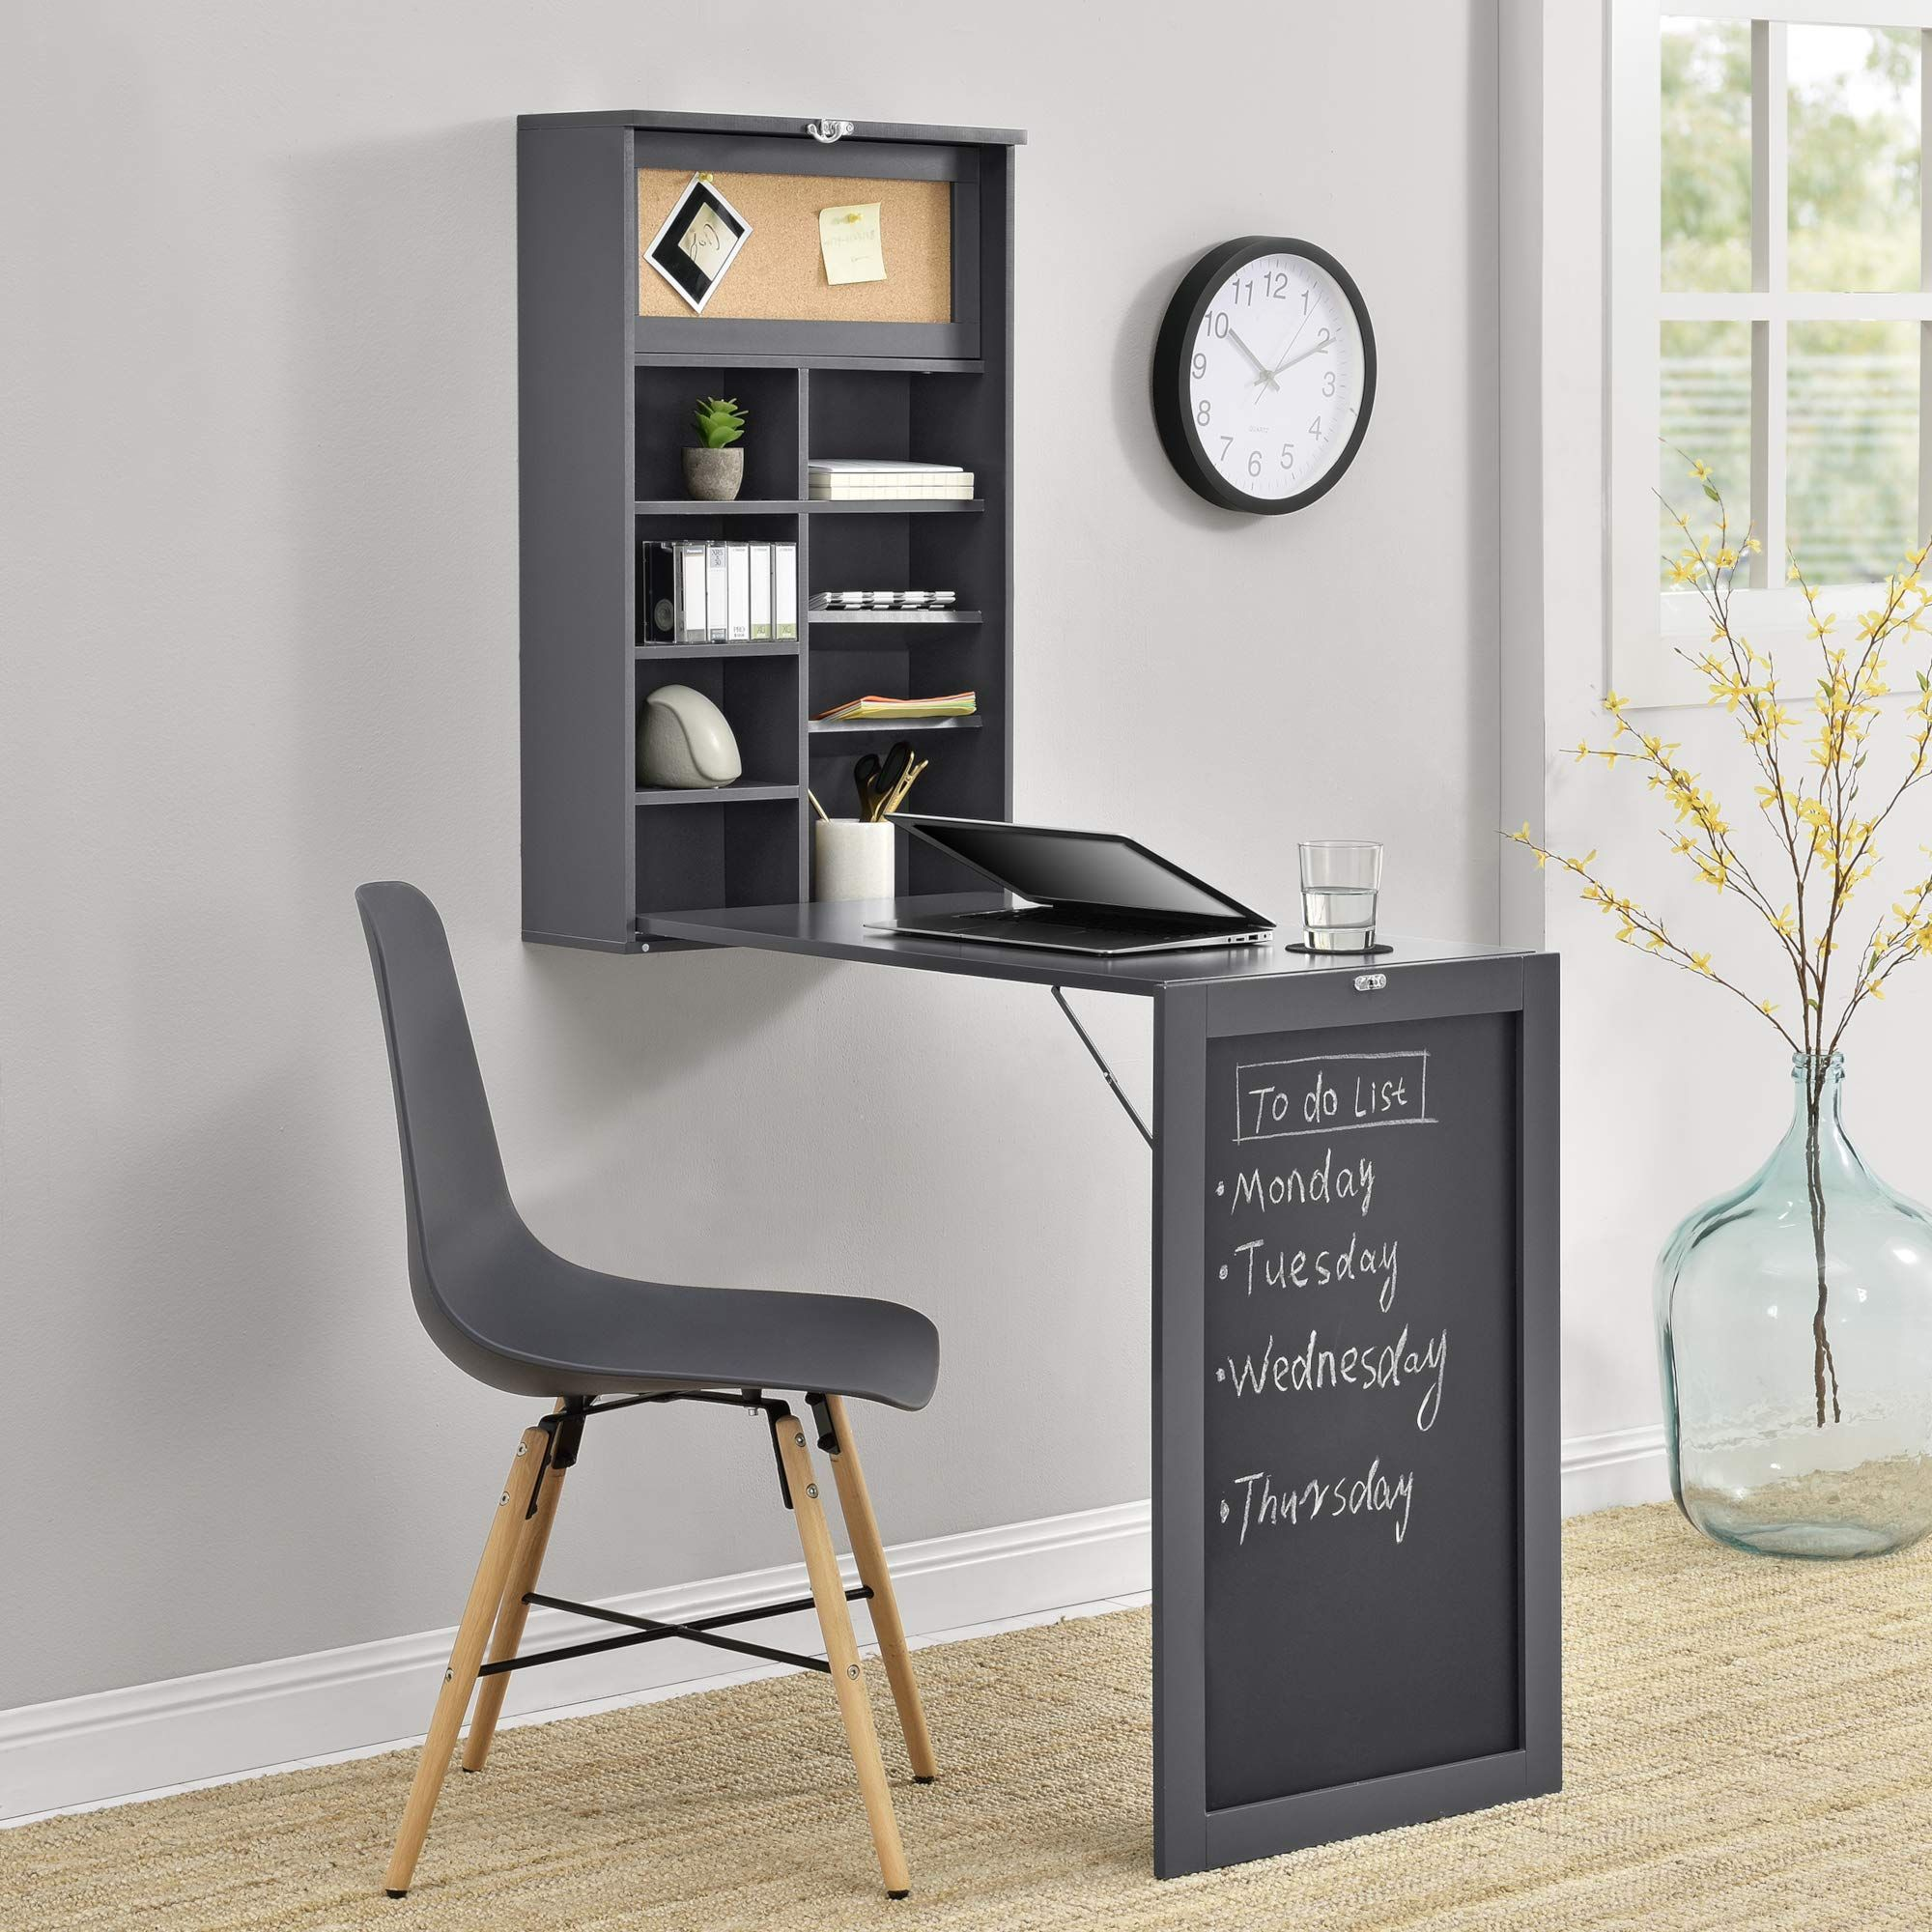 En Casa Klappschreibtisch Schreibtisch Zum Ausklappen Wandklapptisch Mit Tafel Und Pinnwand Dunkelgrau Amazo In 2020 Wandtisch Grauer Schreibtisch Klappschreibtisch